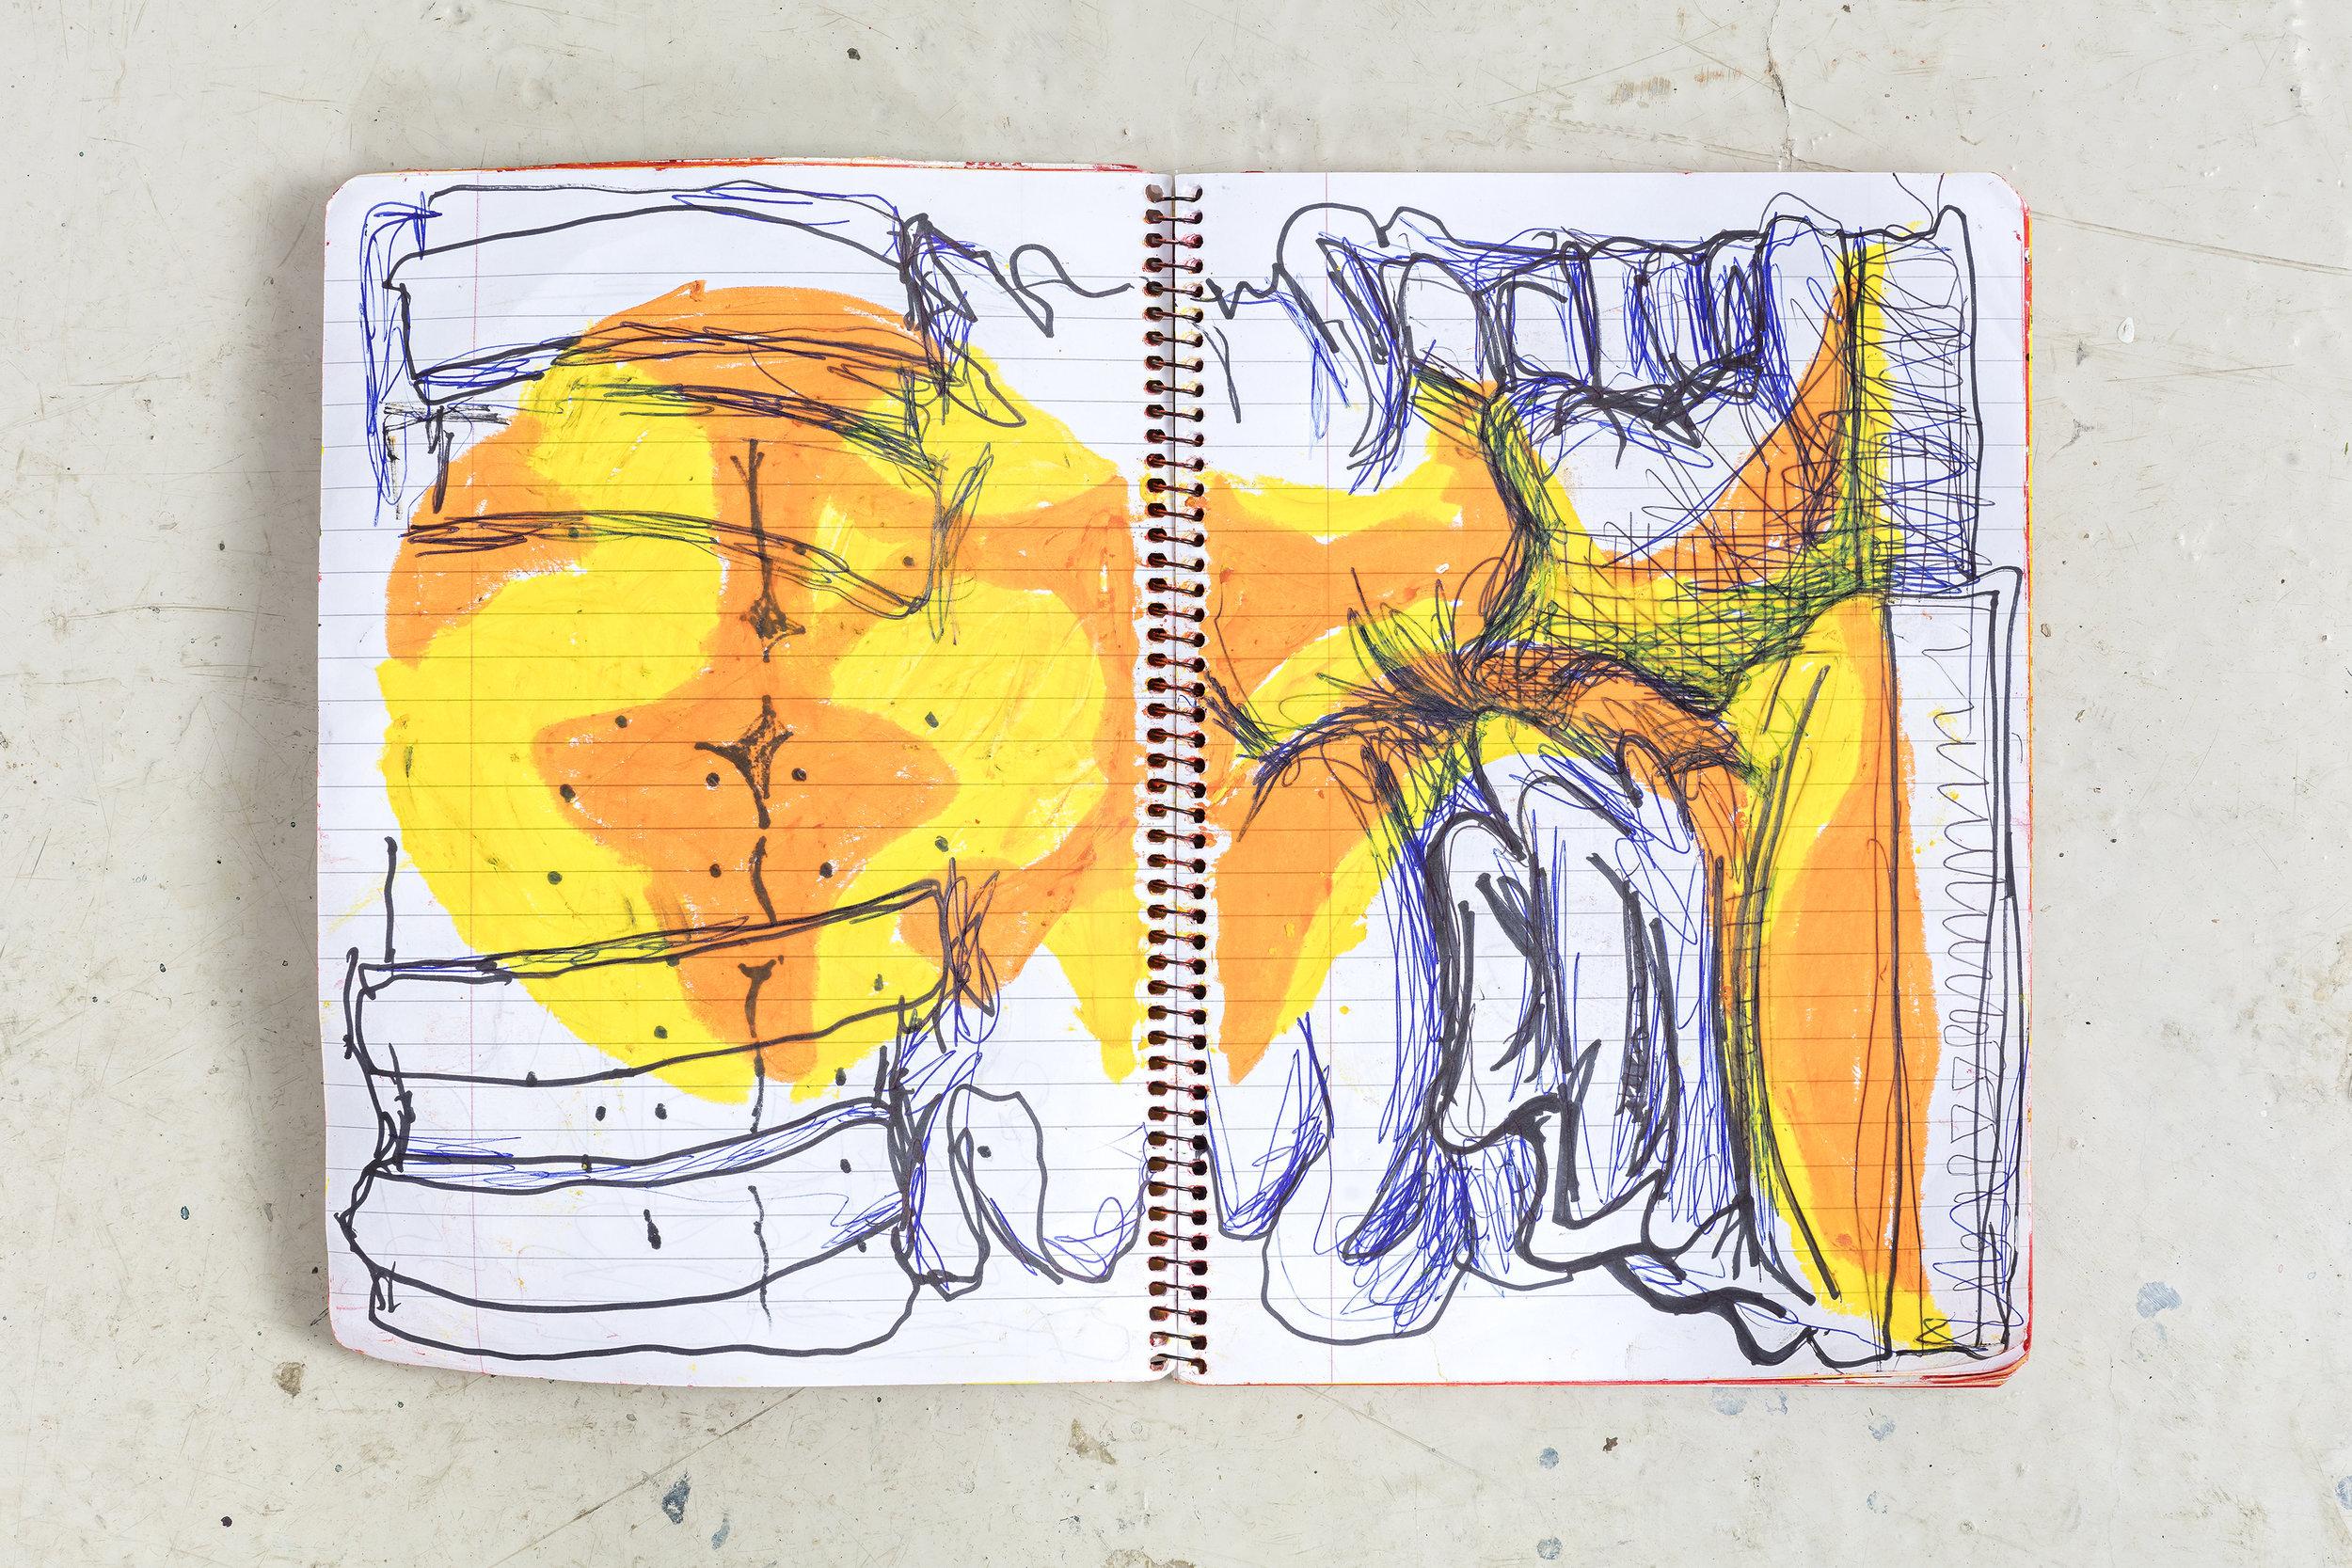 Notebook 3,2017  Spiral bound notebook 24 x 17 x 0.5 cm / 9 1/2 x 6 2/3 x 1/4 in / Unique